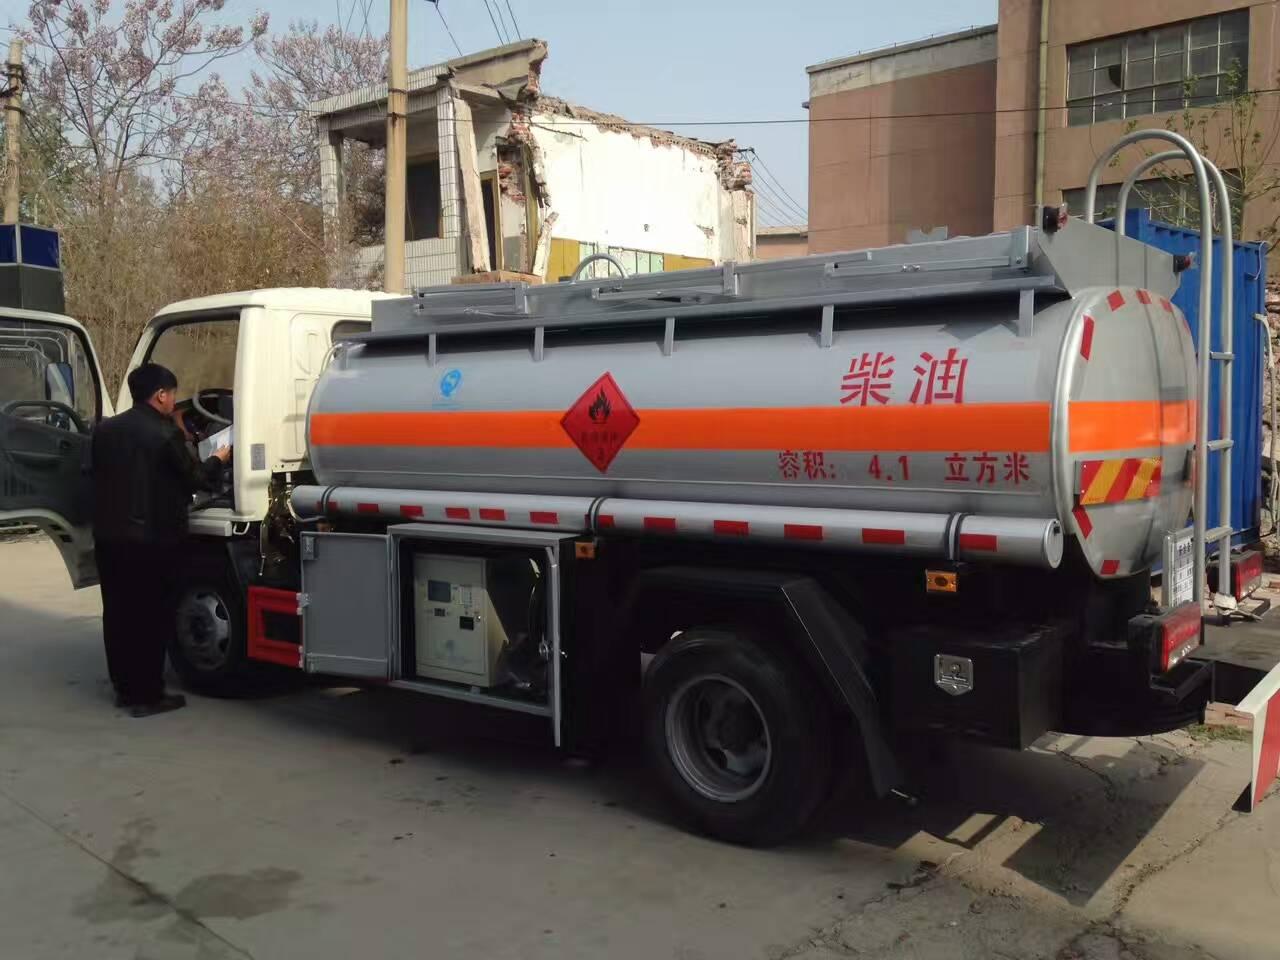 供应江铃国四3吨加油车。山东加油车 青岛加油车 江铃国四加油车 江铃国五加油车